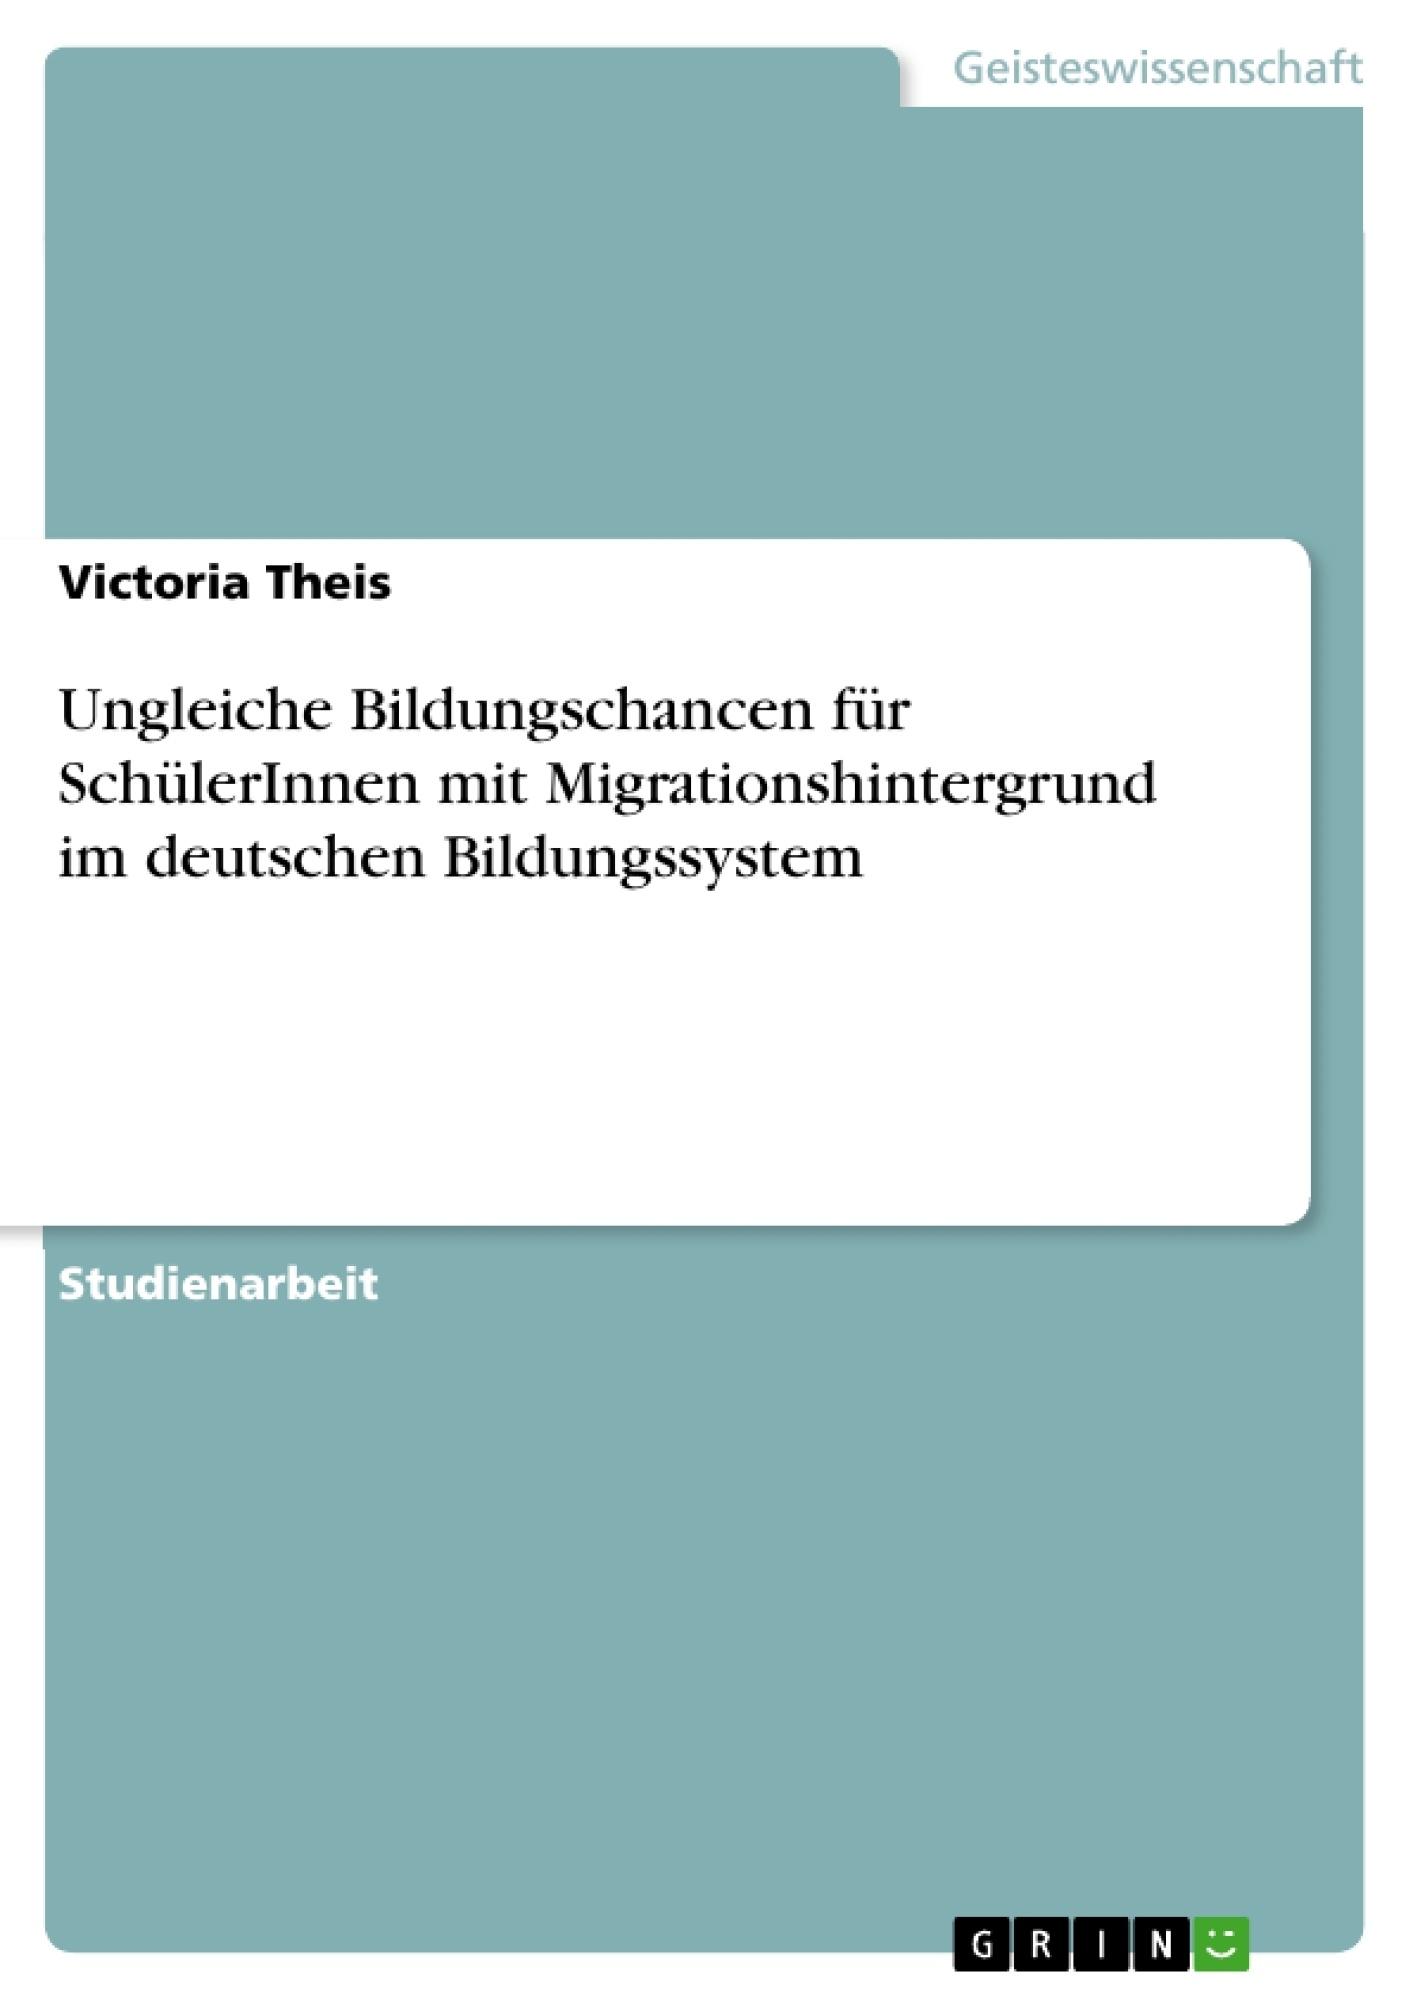 Titel: Ungleiche Bildungschancen für SchülerInnen mit Migrationshintergrund im deutschen Bildungssystem